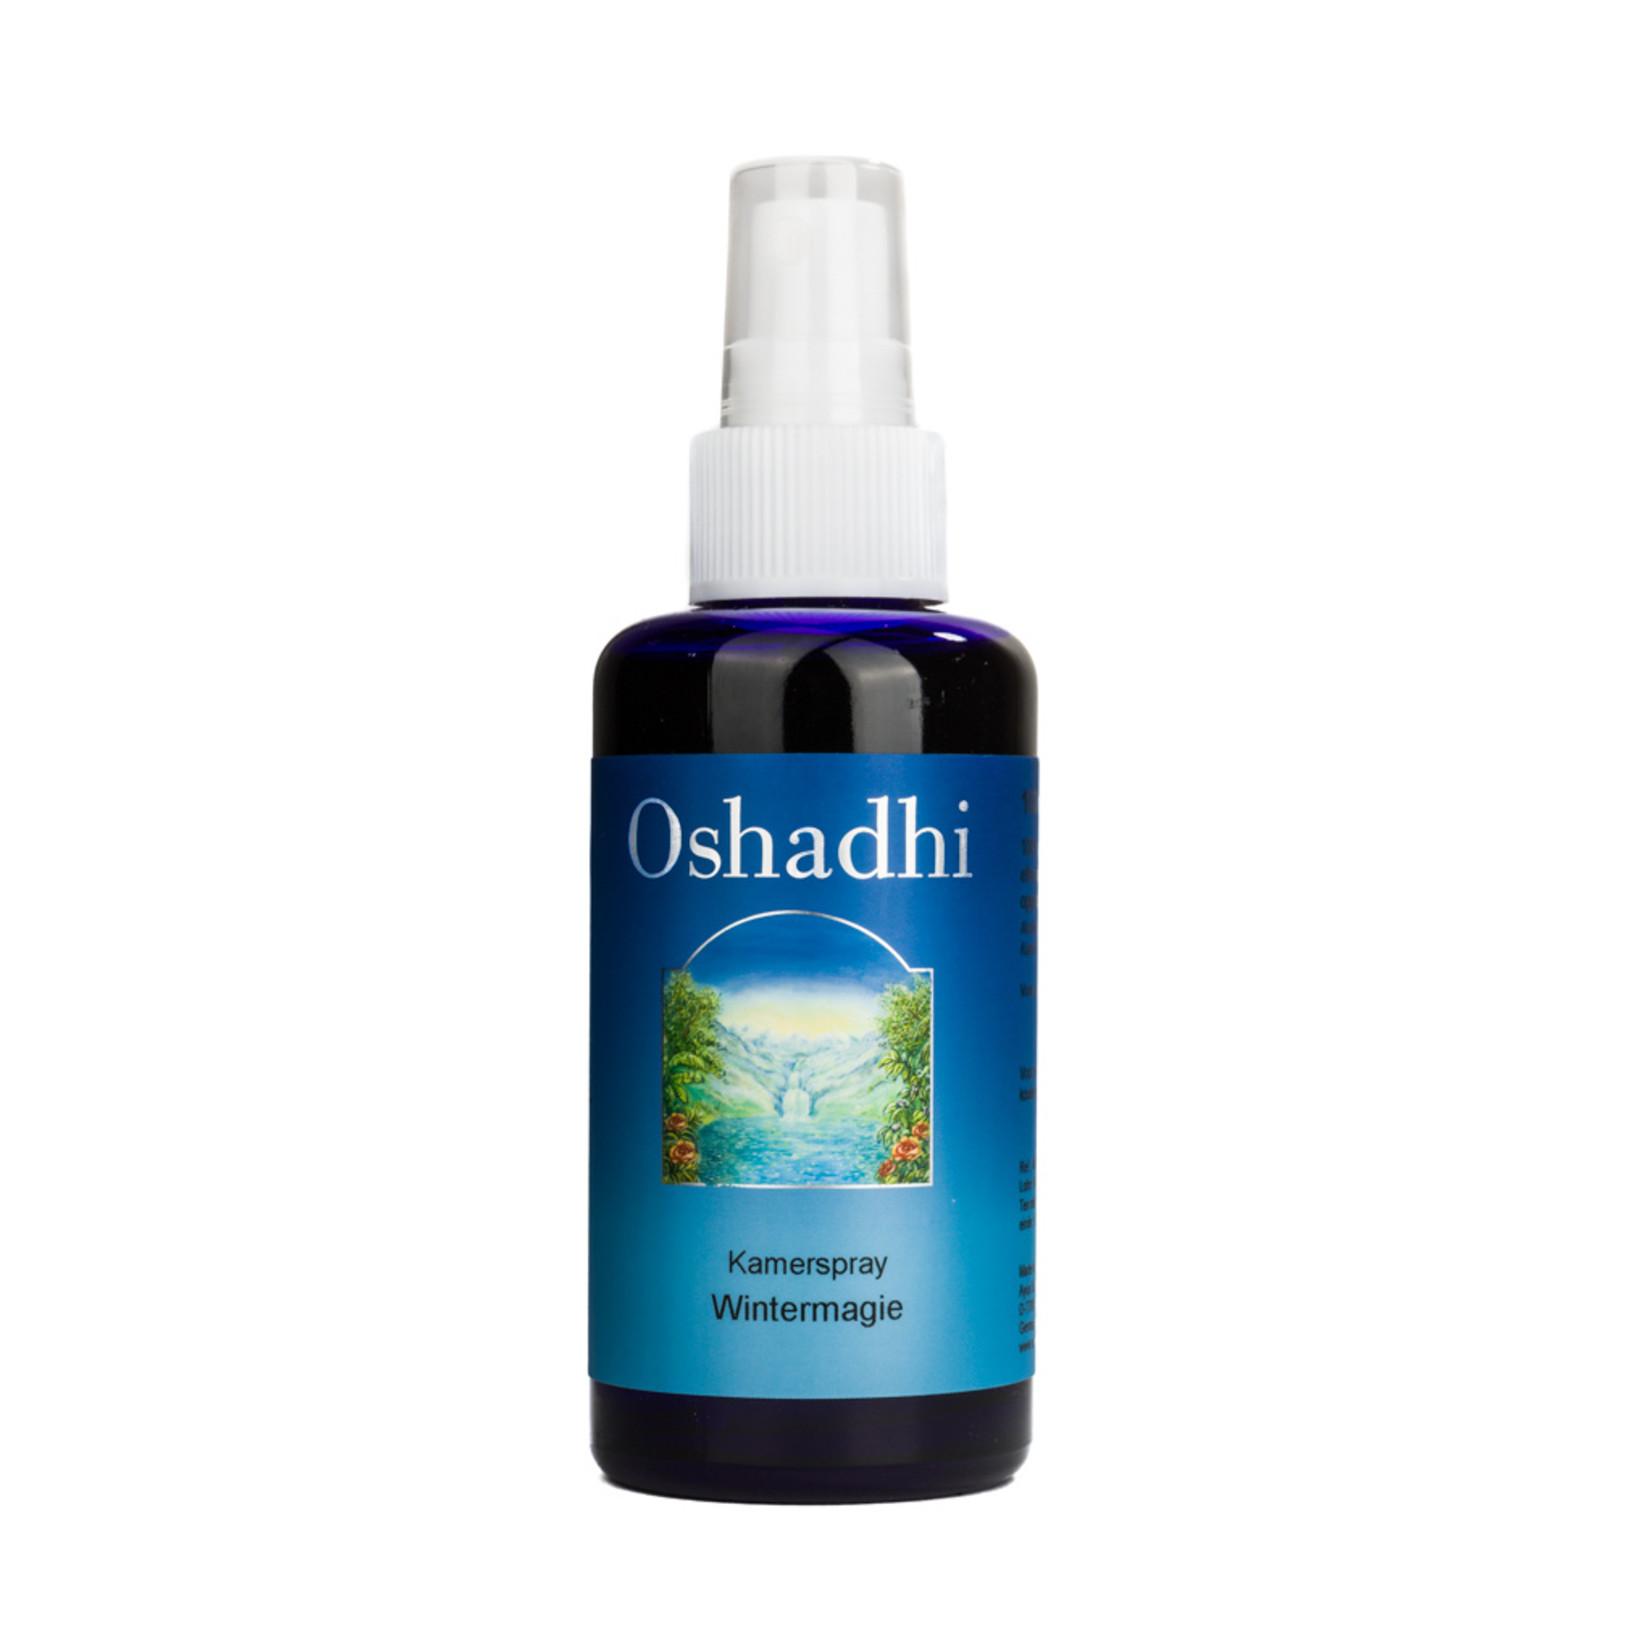 Oshadhi Roomspray Wintermagie Oshadhi - warm & gezellig winters - 100ml